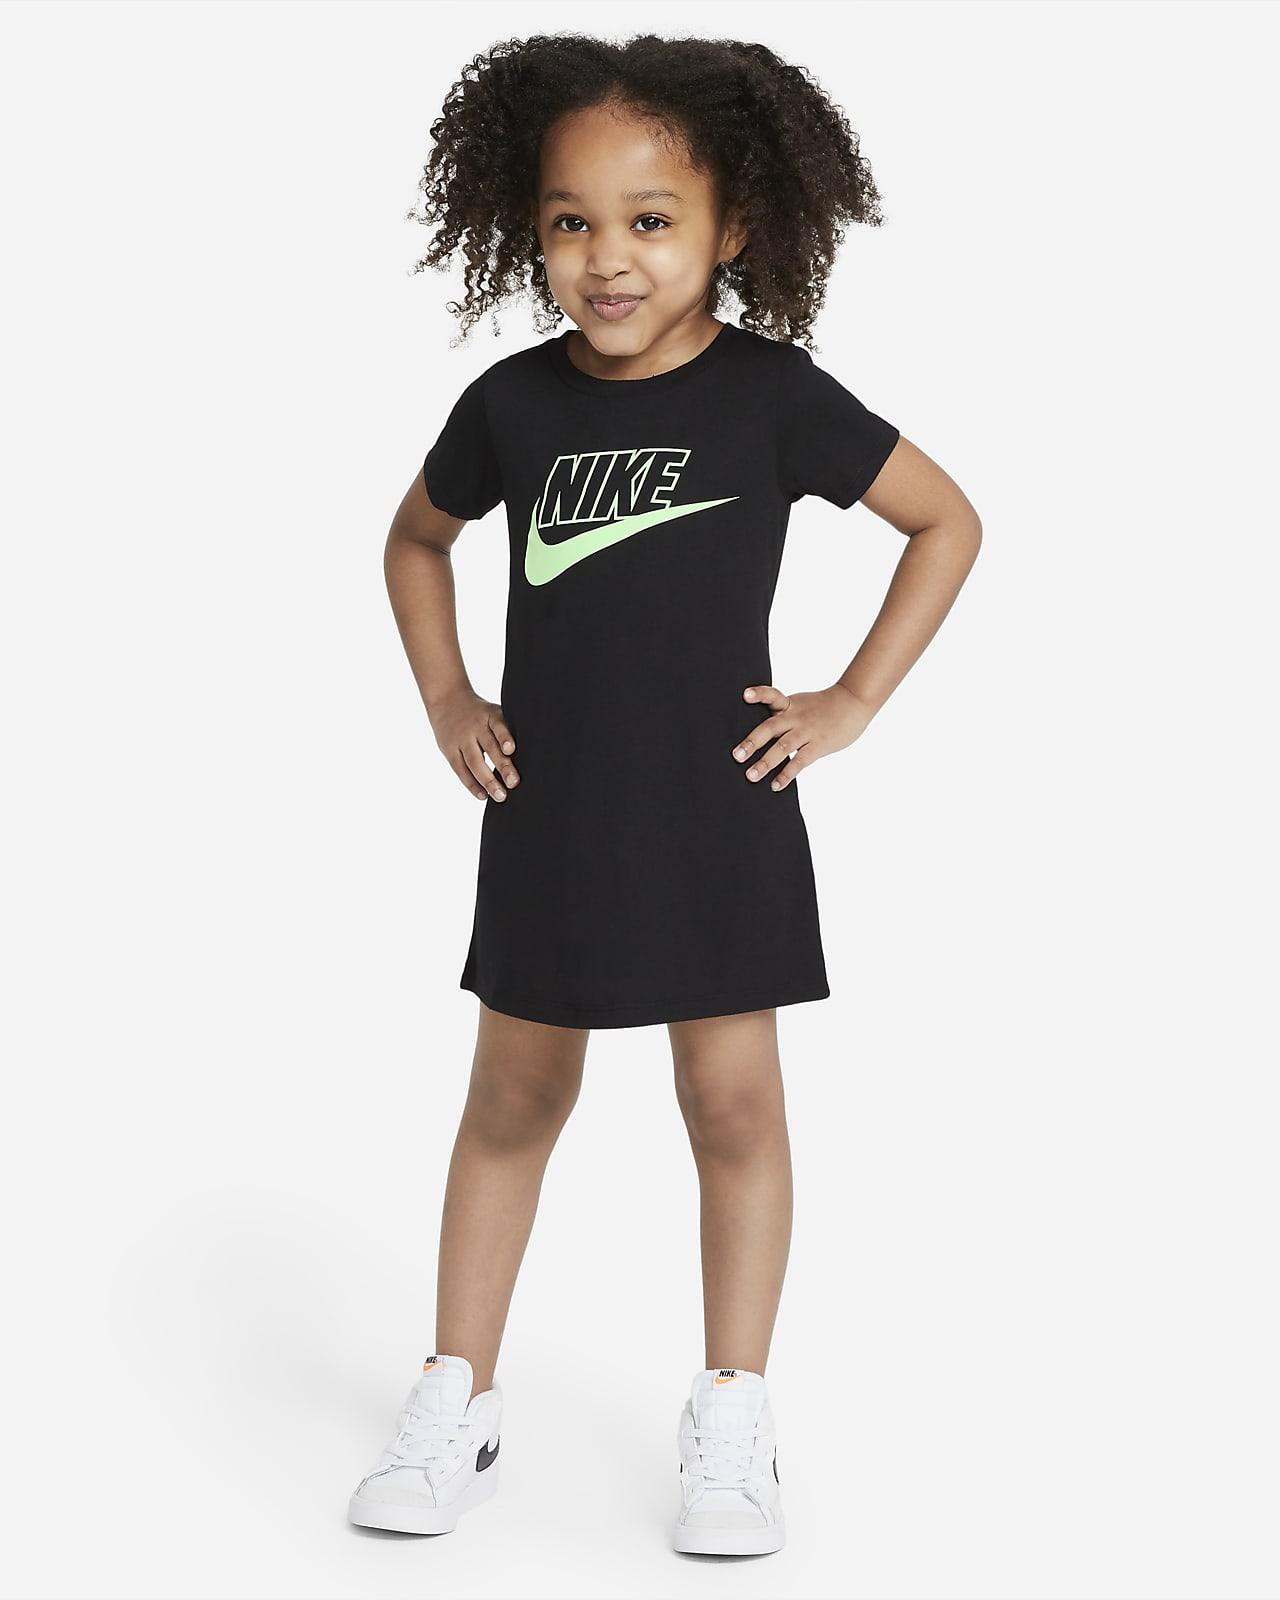 Nike Toddler T-Shirt Dress